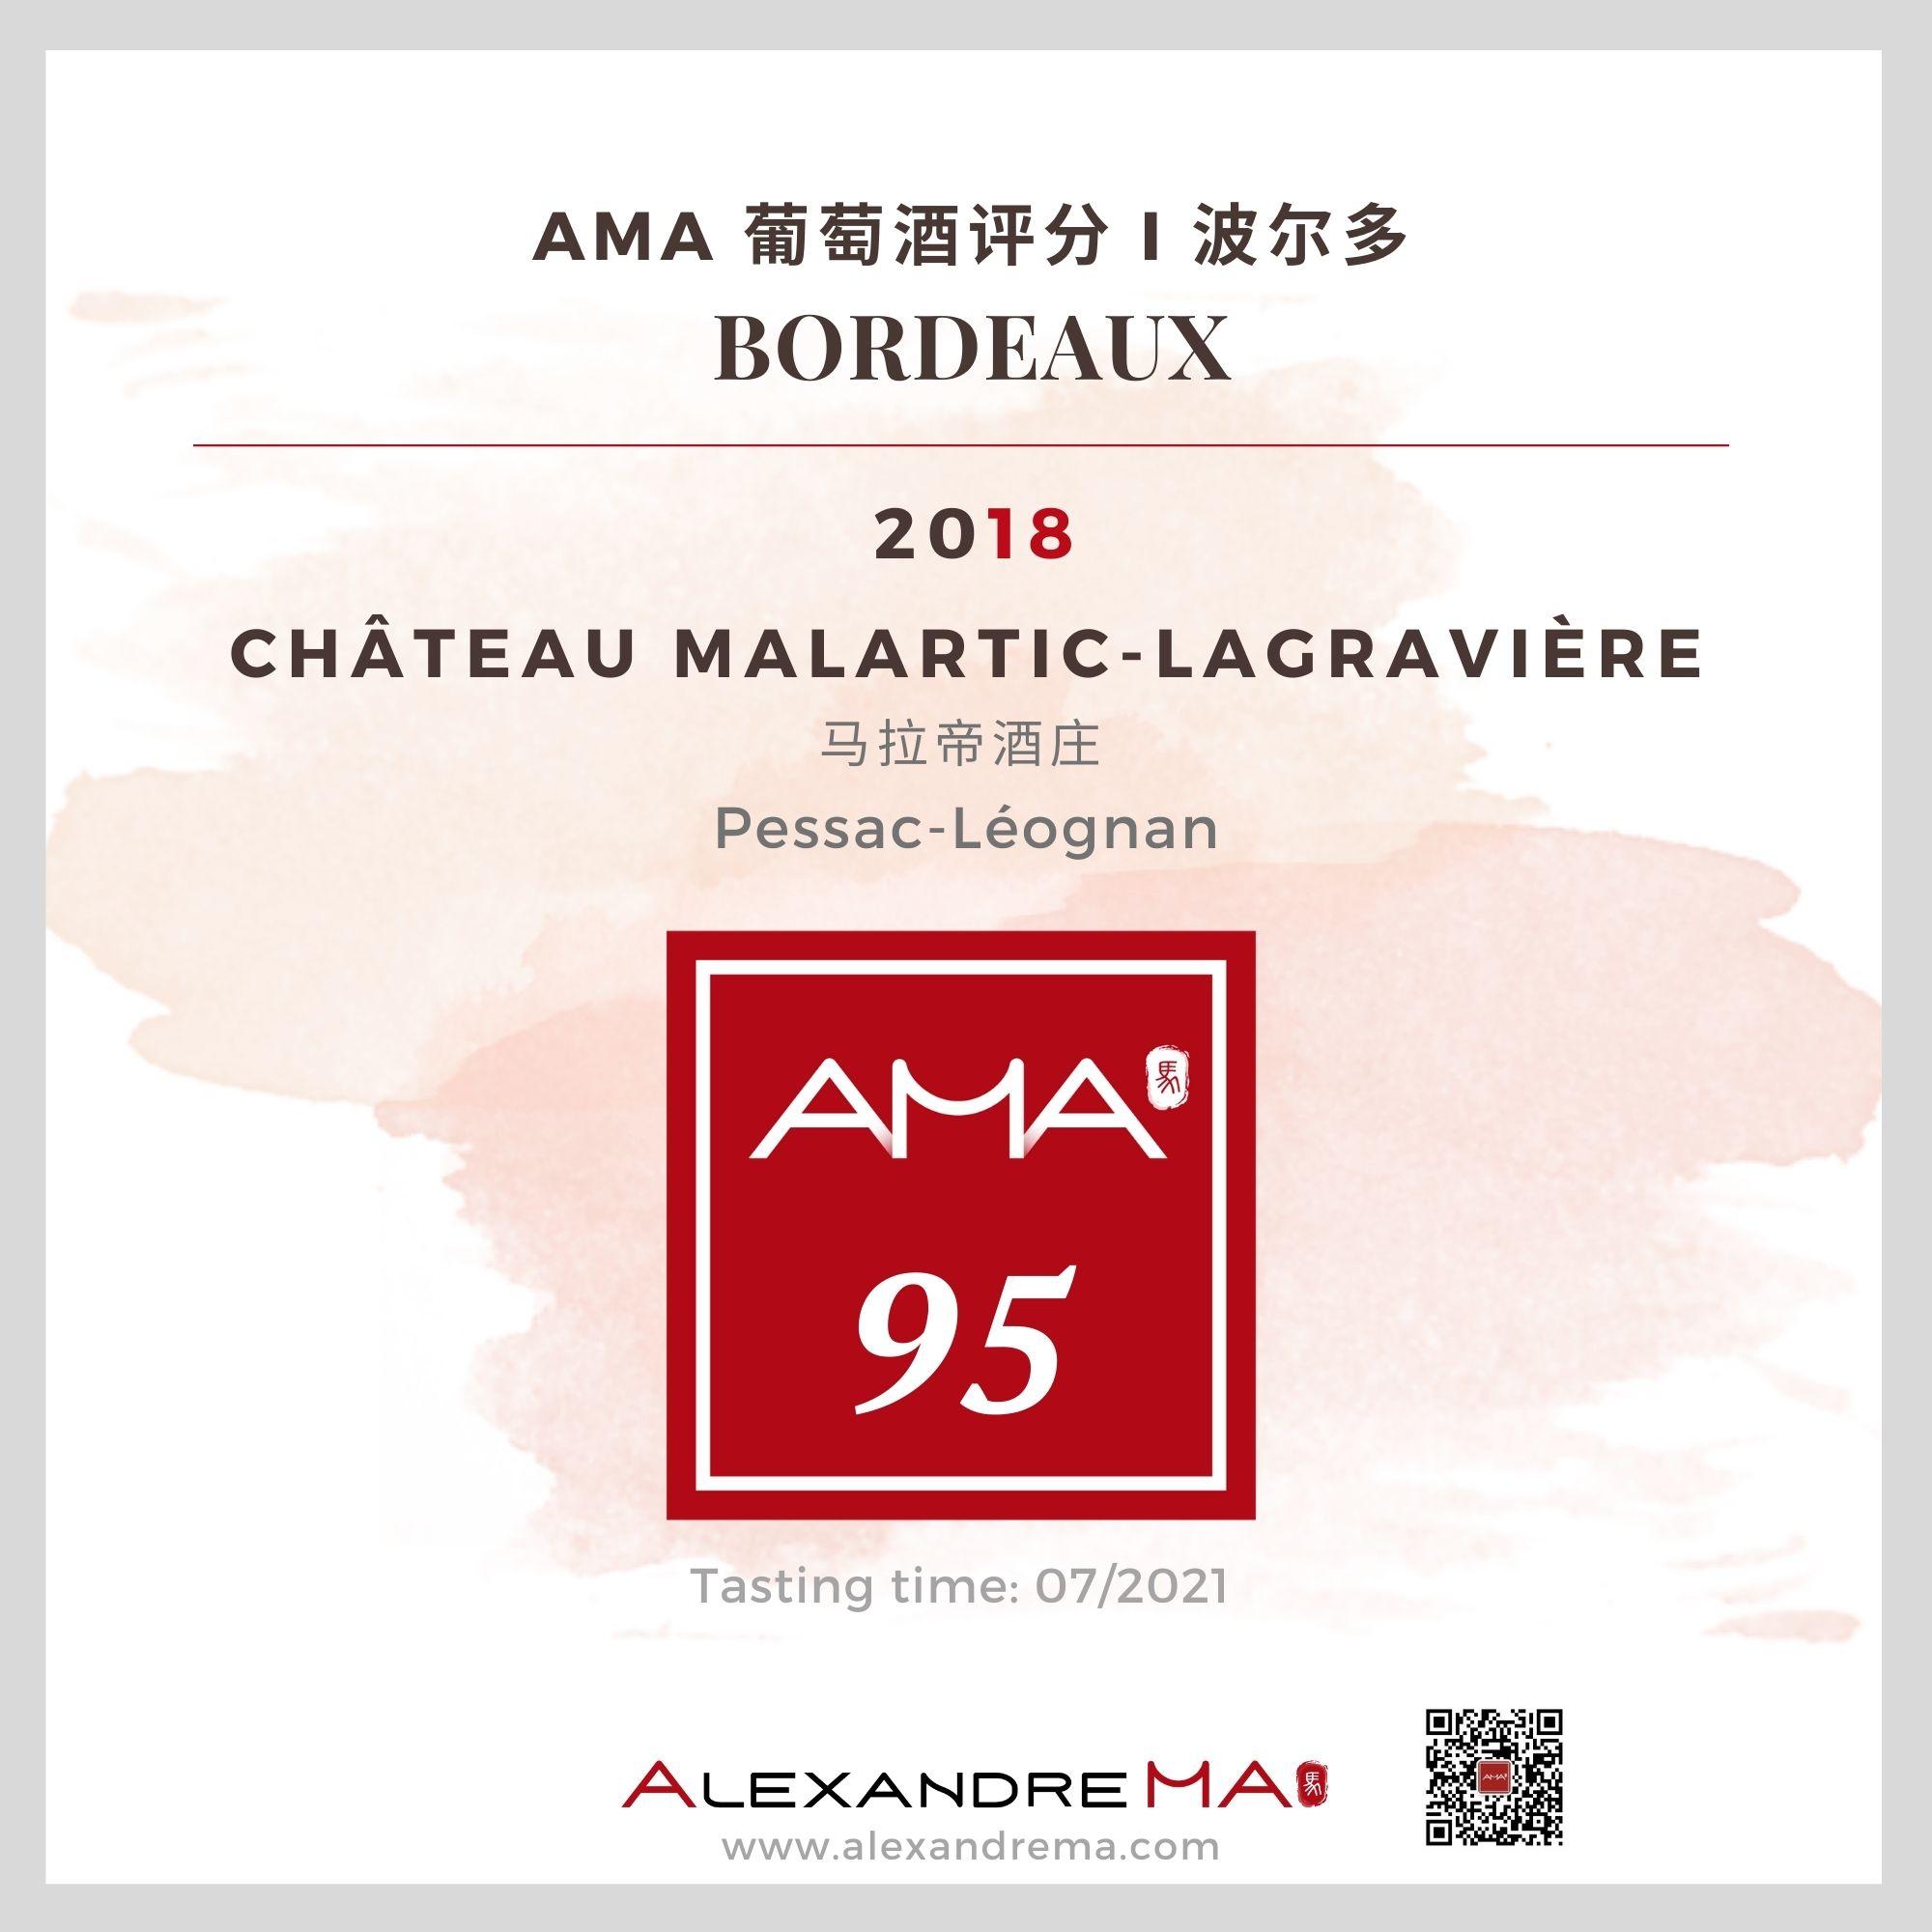 Château Malartic-Lagravière 2018 - Alexandre MA